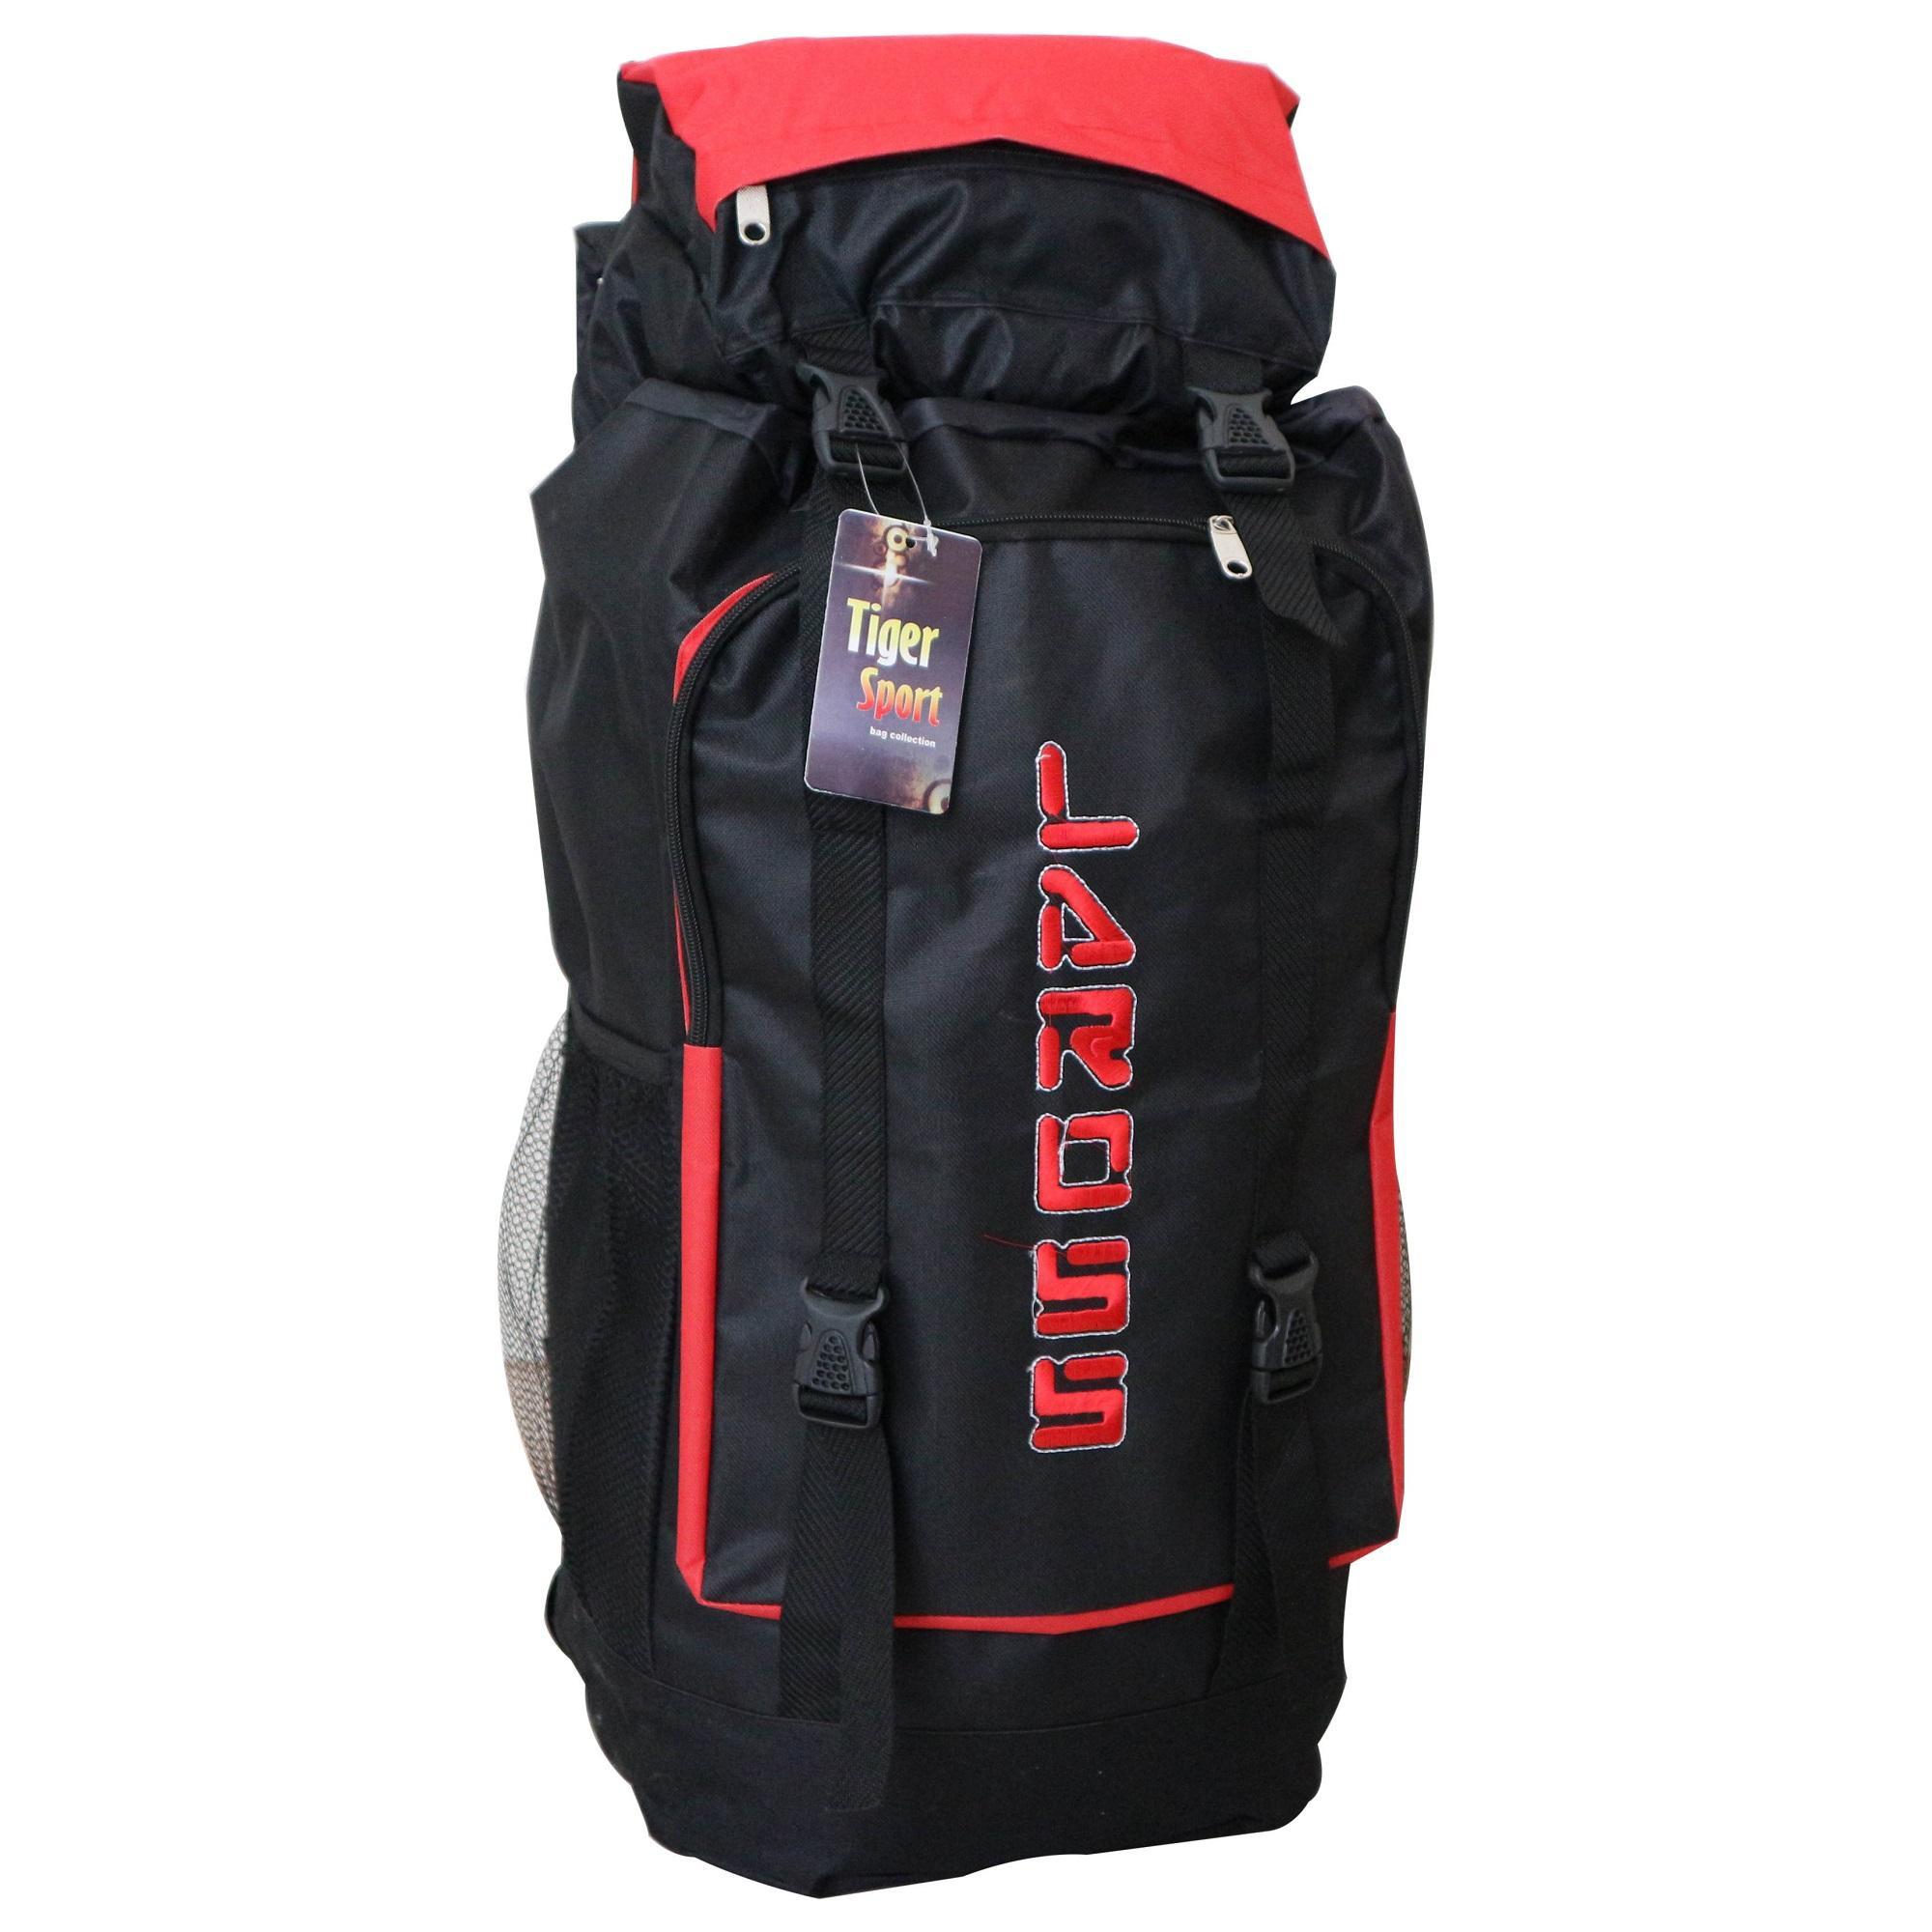 Cek Harga Baru Tas Ransel Distro Original Backpack Pria Gunung Traveling